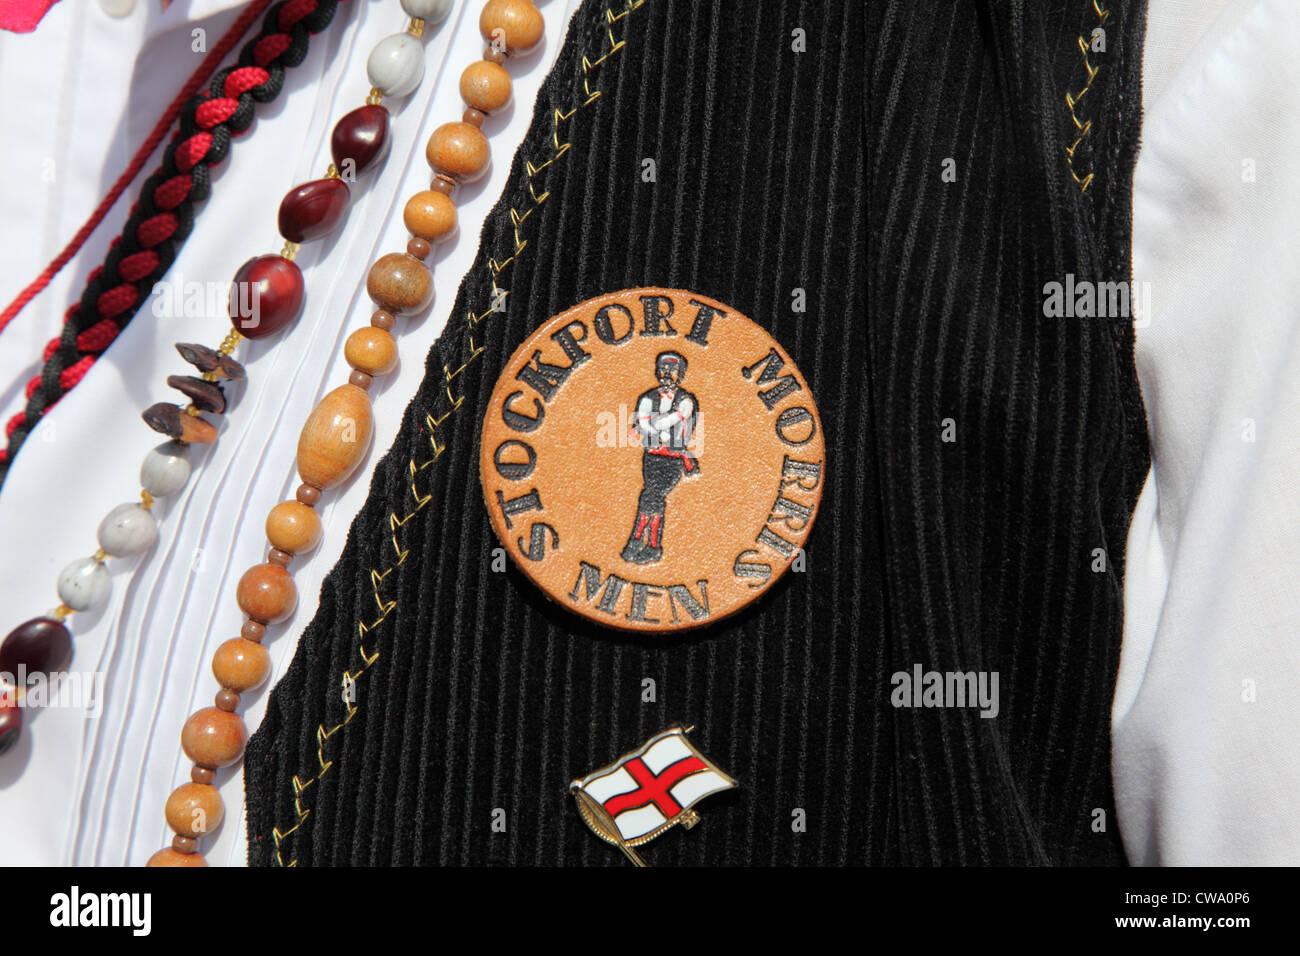 Stockport Morris Men badge or emblem worn at Durham Folk Party 2012, north east England UK - Stock Image